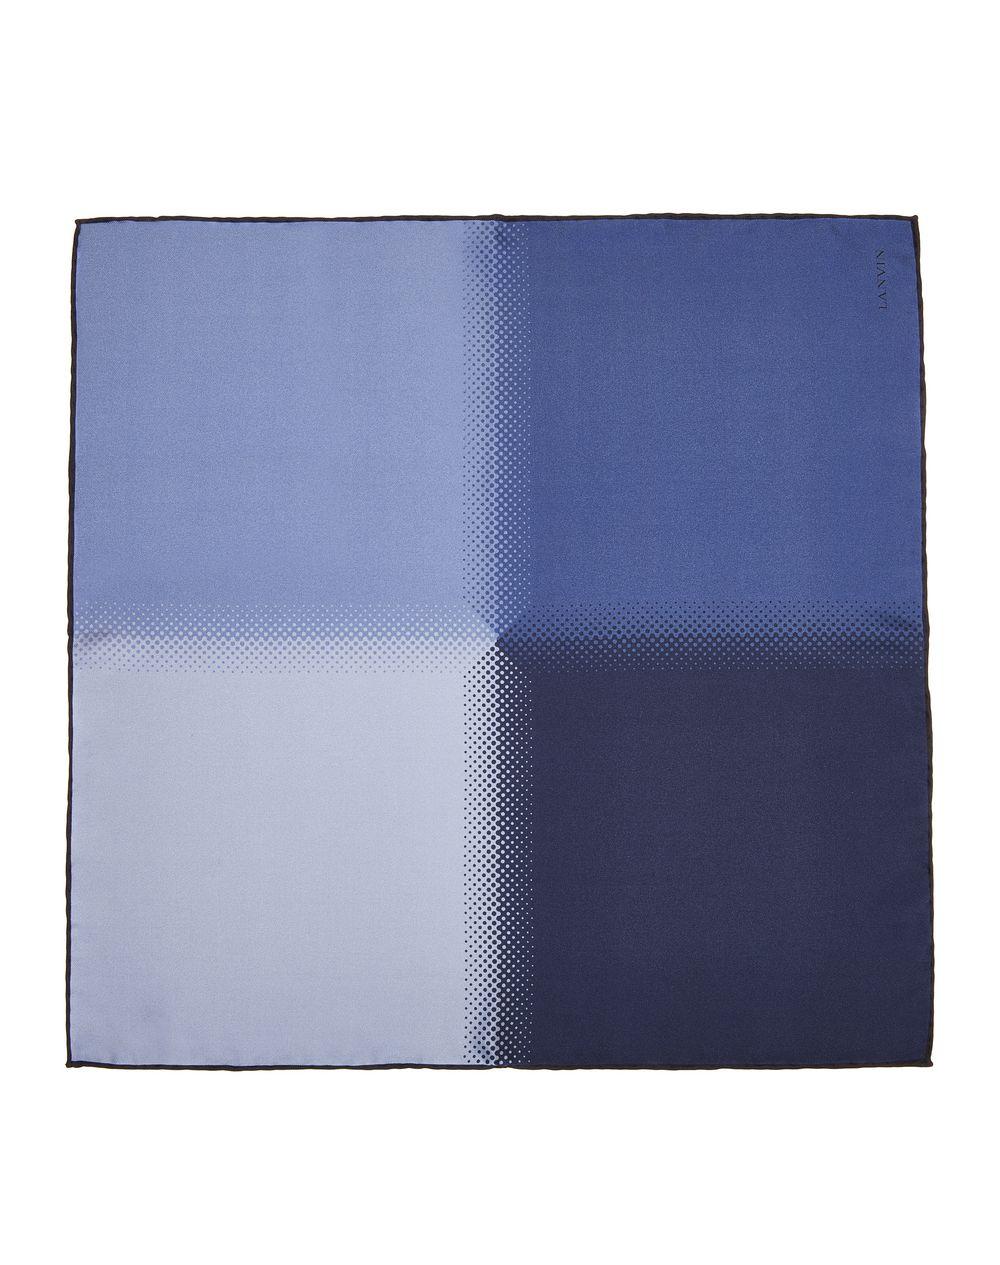 NAVY BLUE PLAIN POCKET HANDKERCHIEF - Lanvin